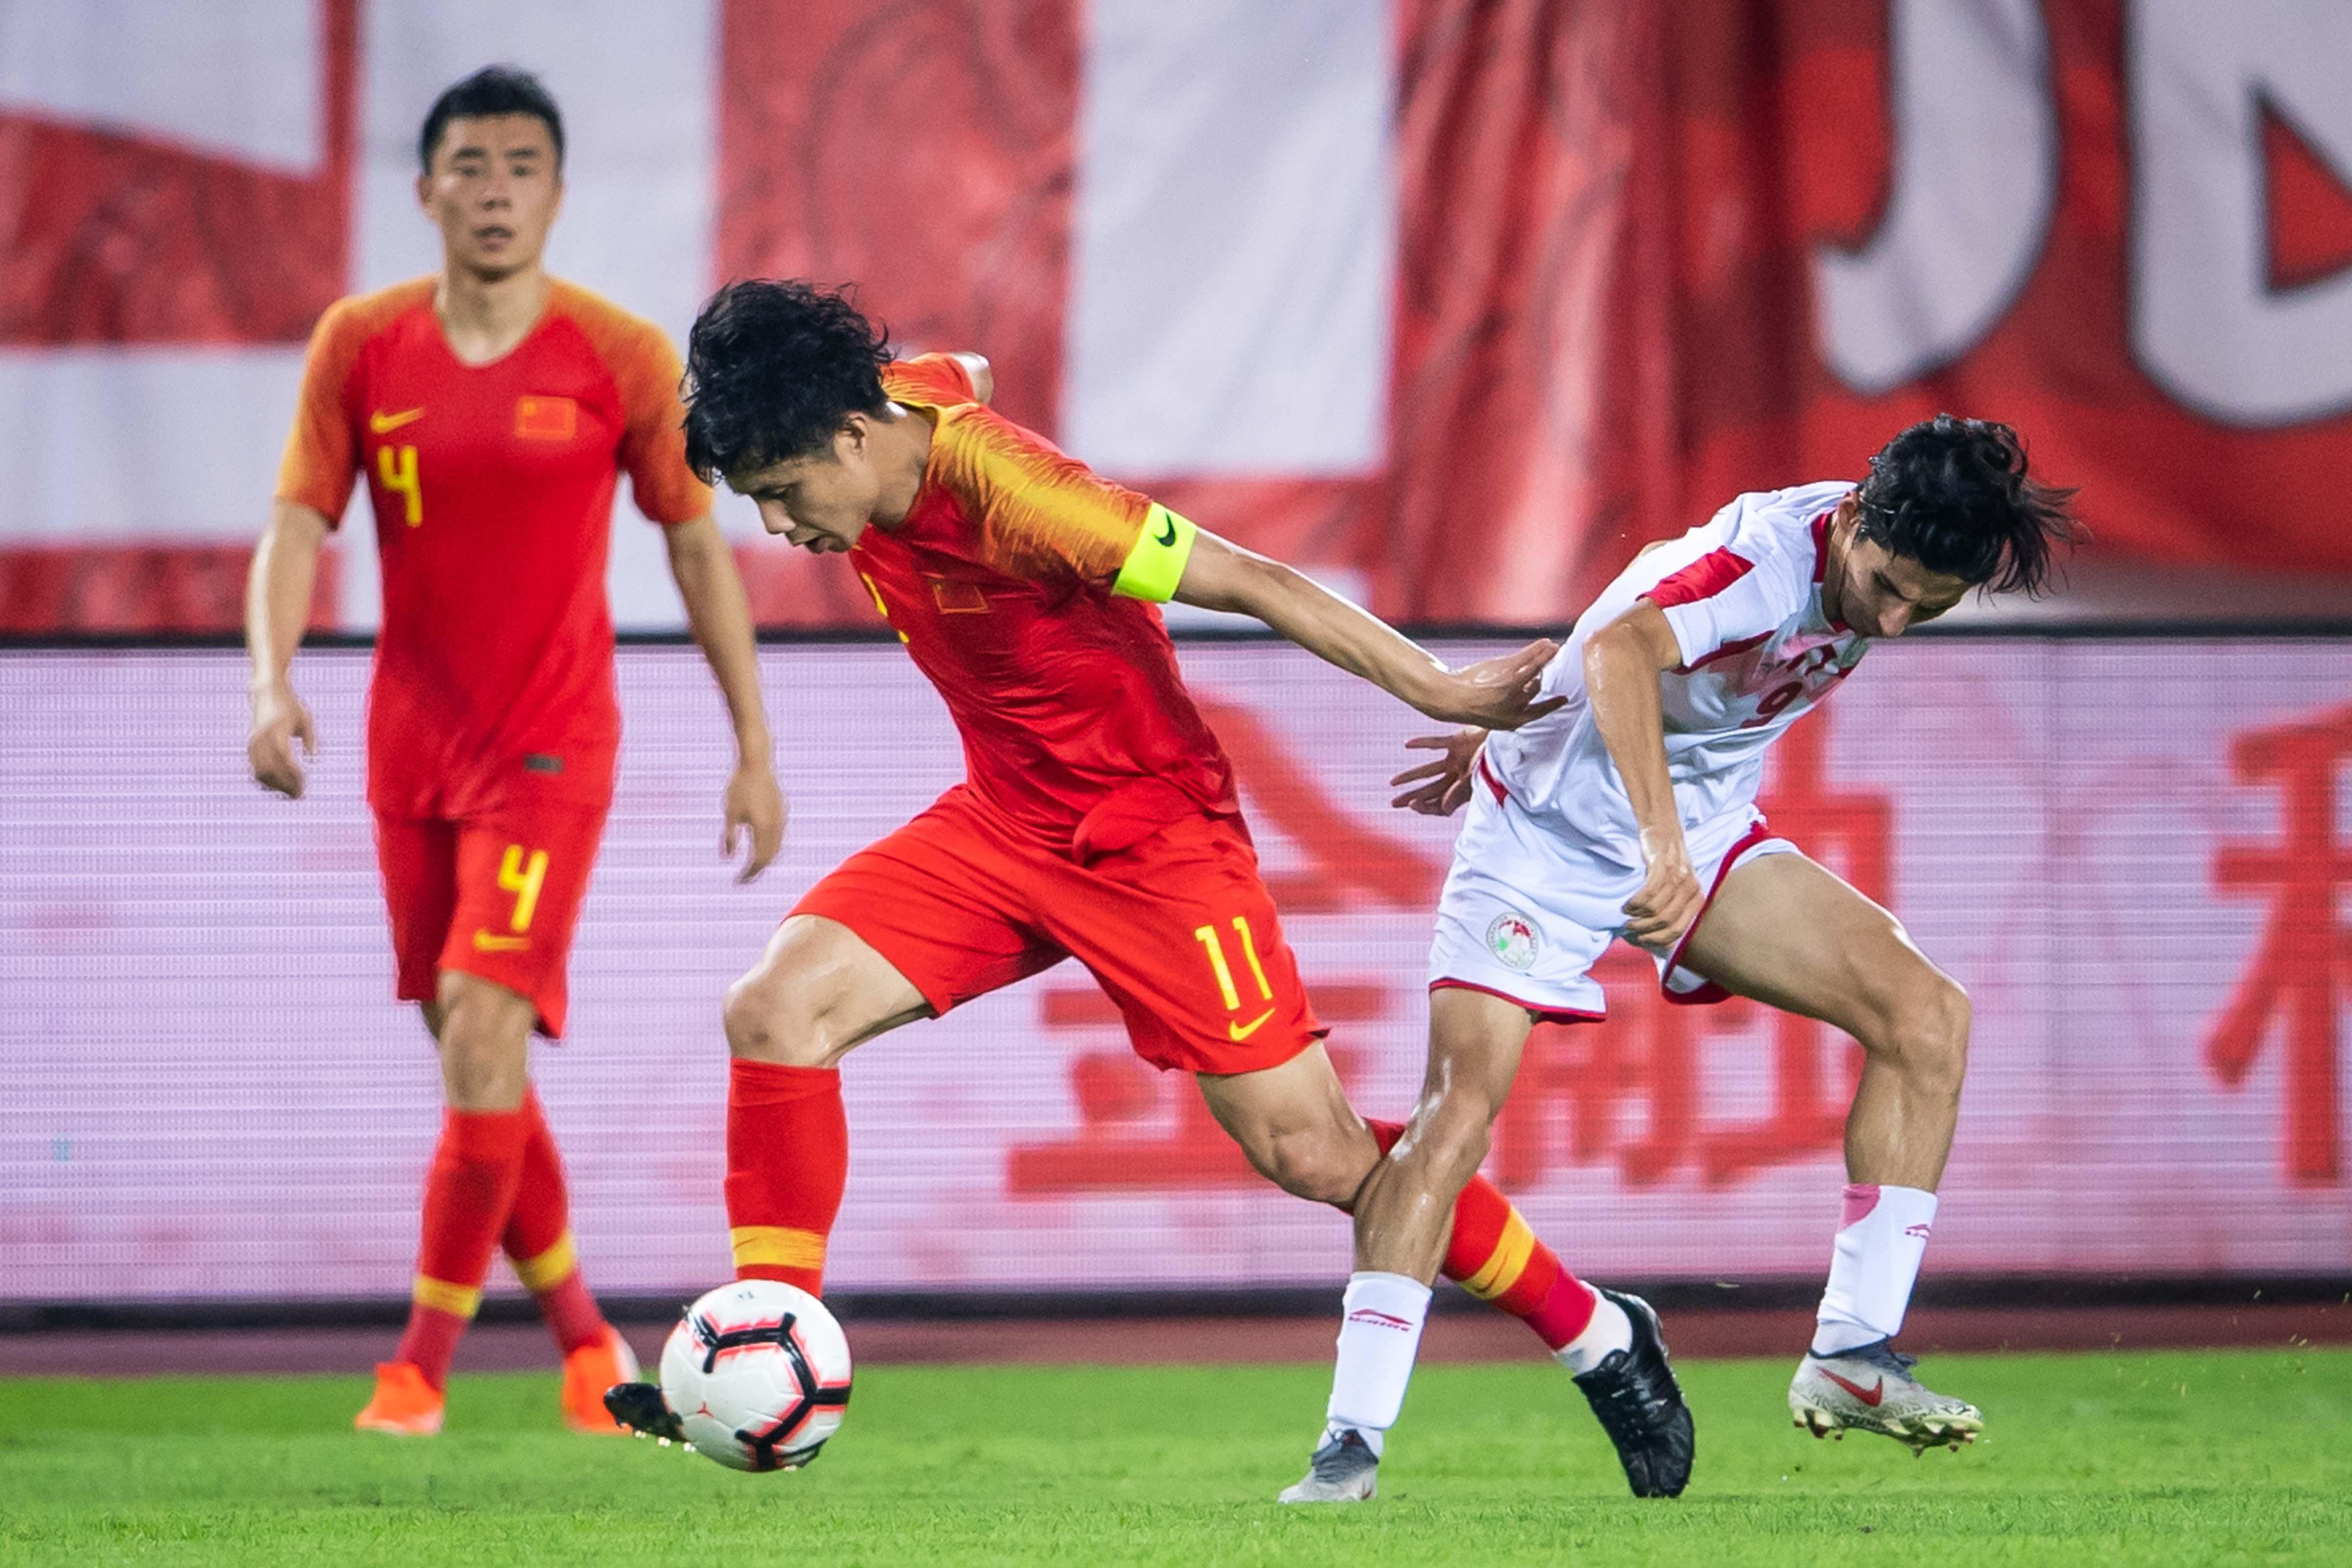 记者:蒿俊闵若无伤病等原因将一直担任国足队长